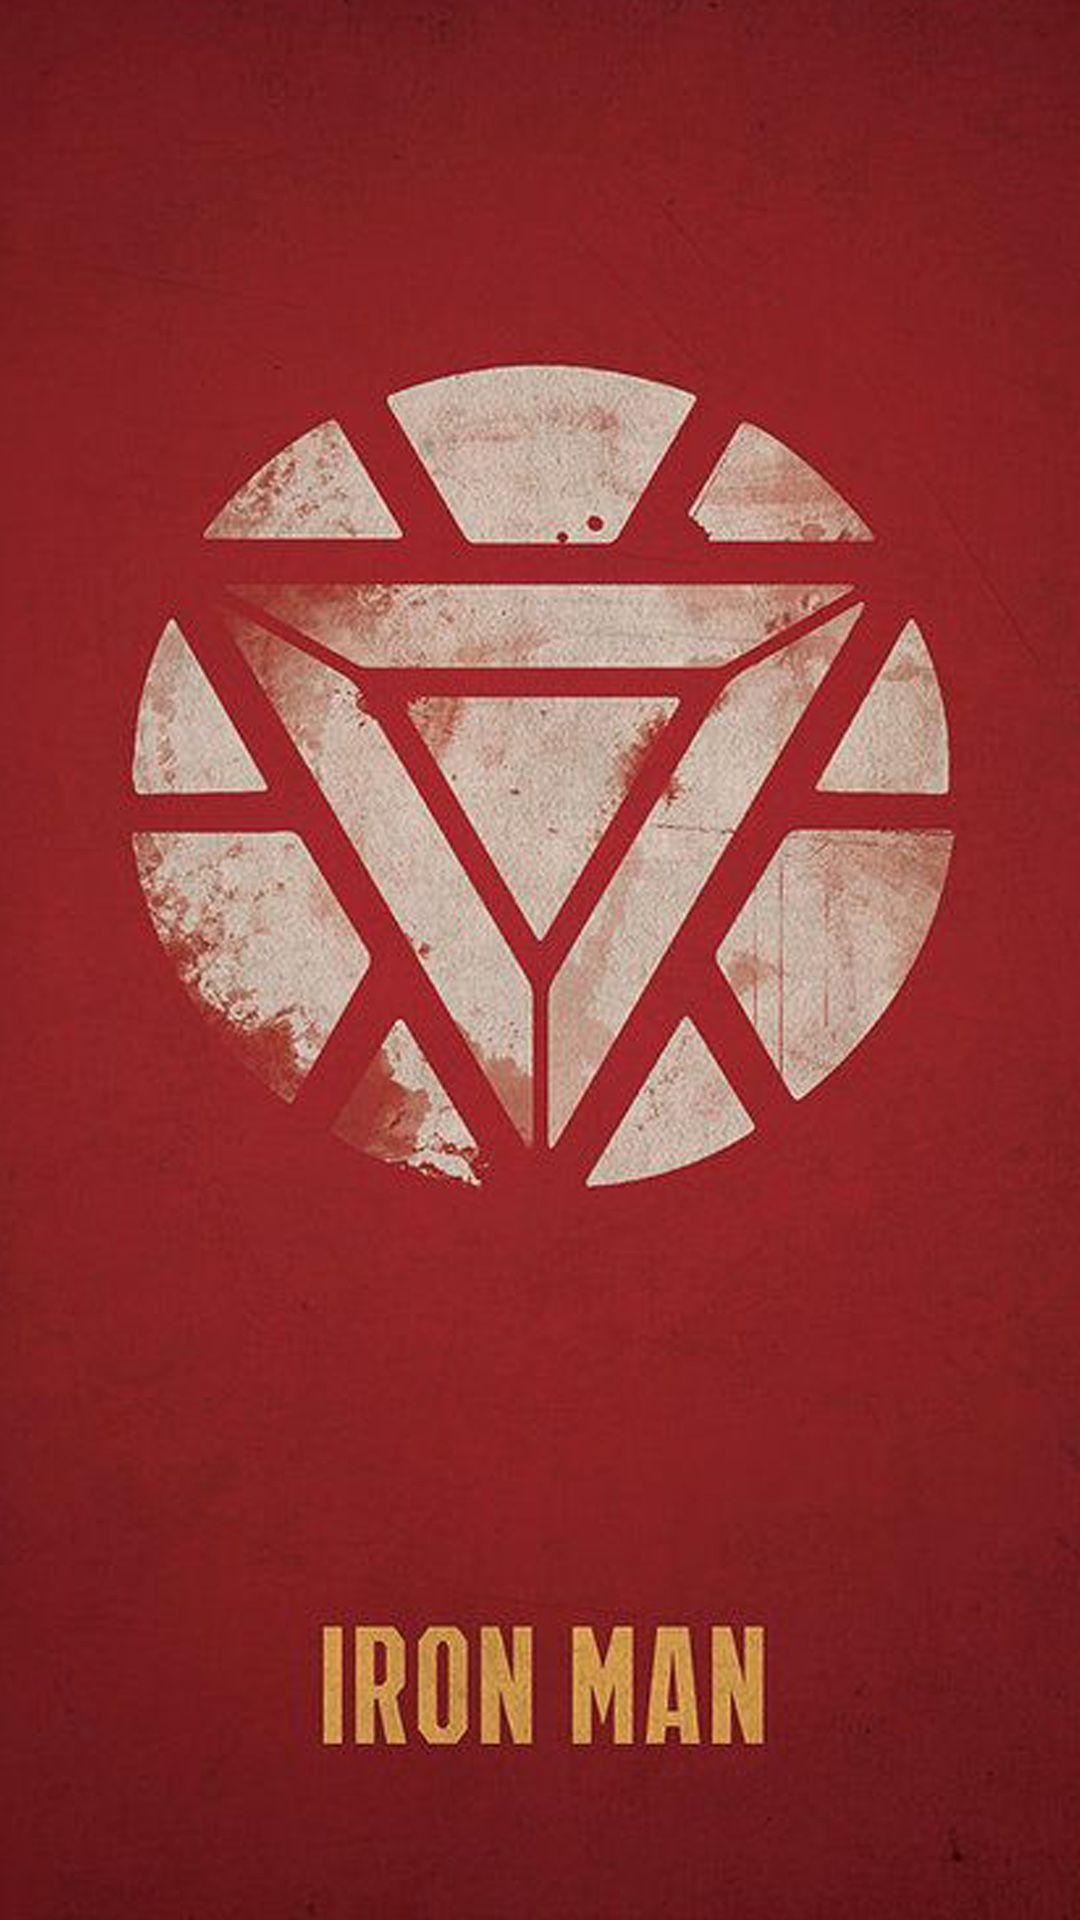 アイアンマン シンプルなポスター マーベル 壁紙